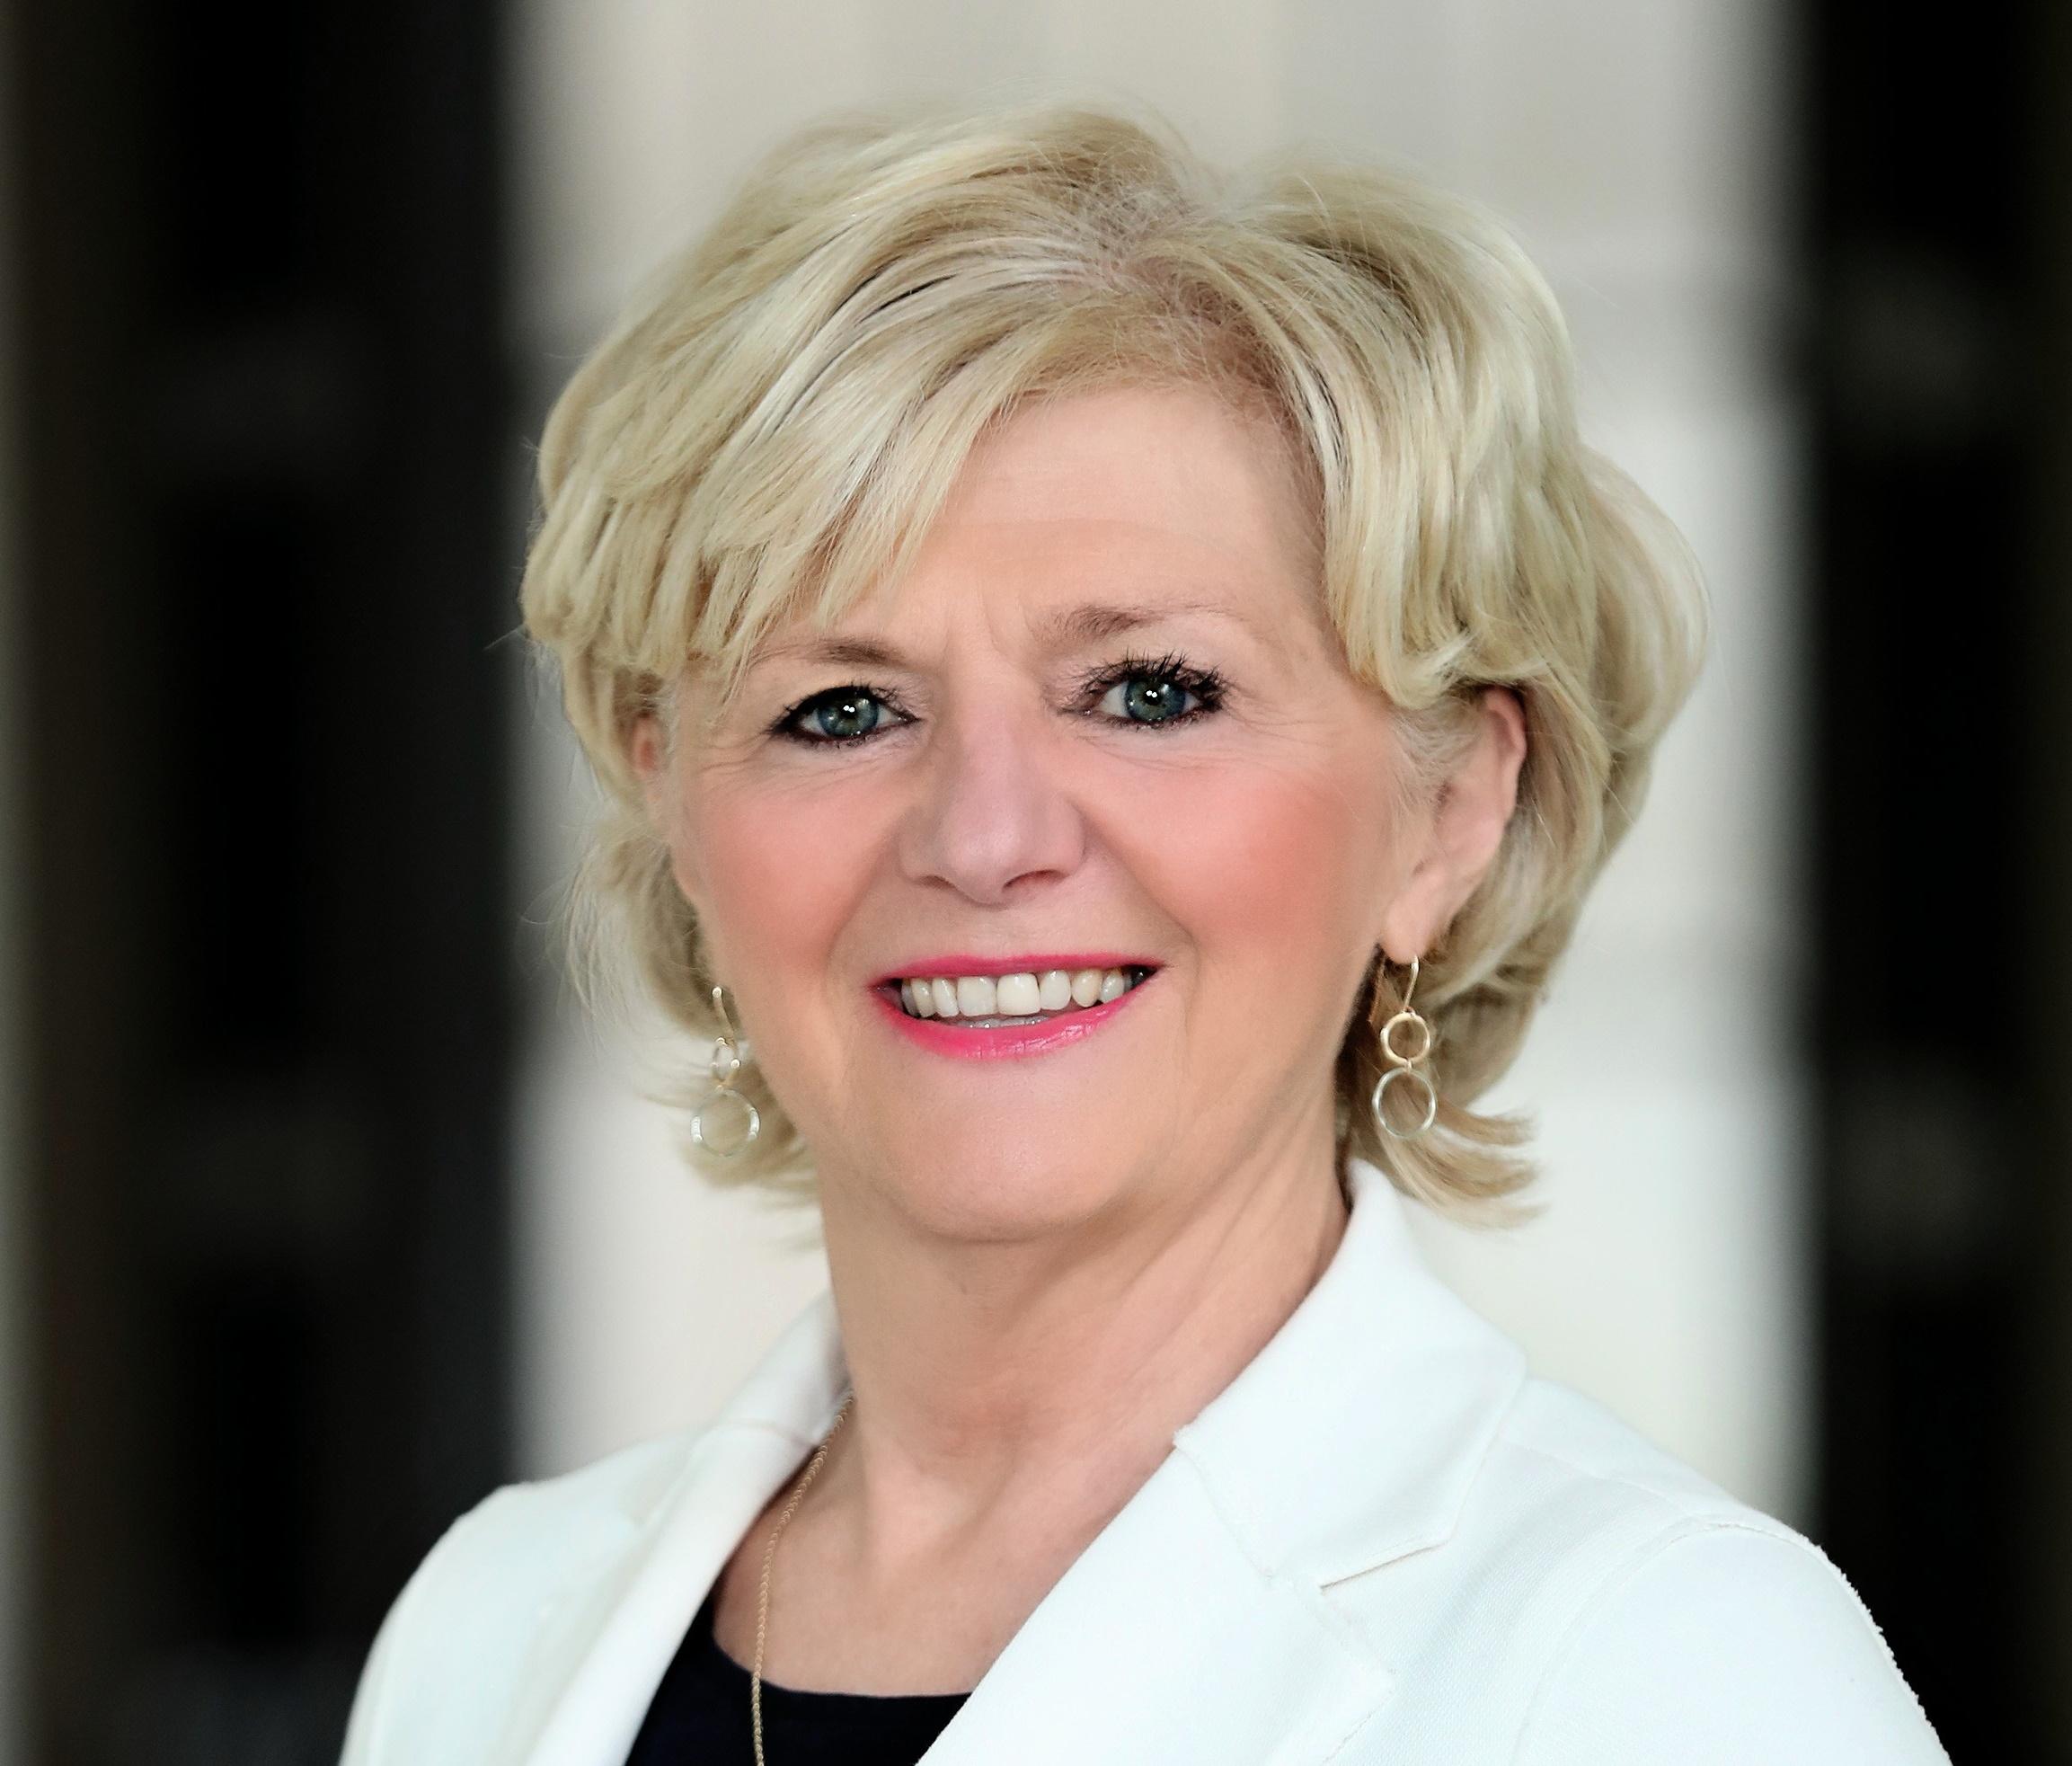 Carol Bolger